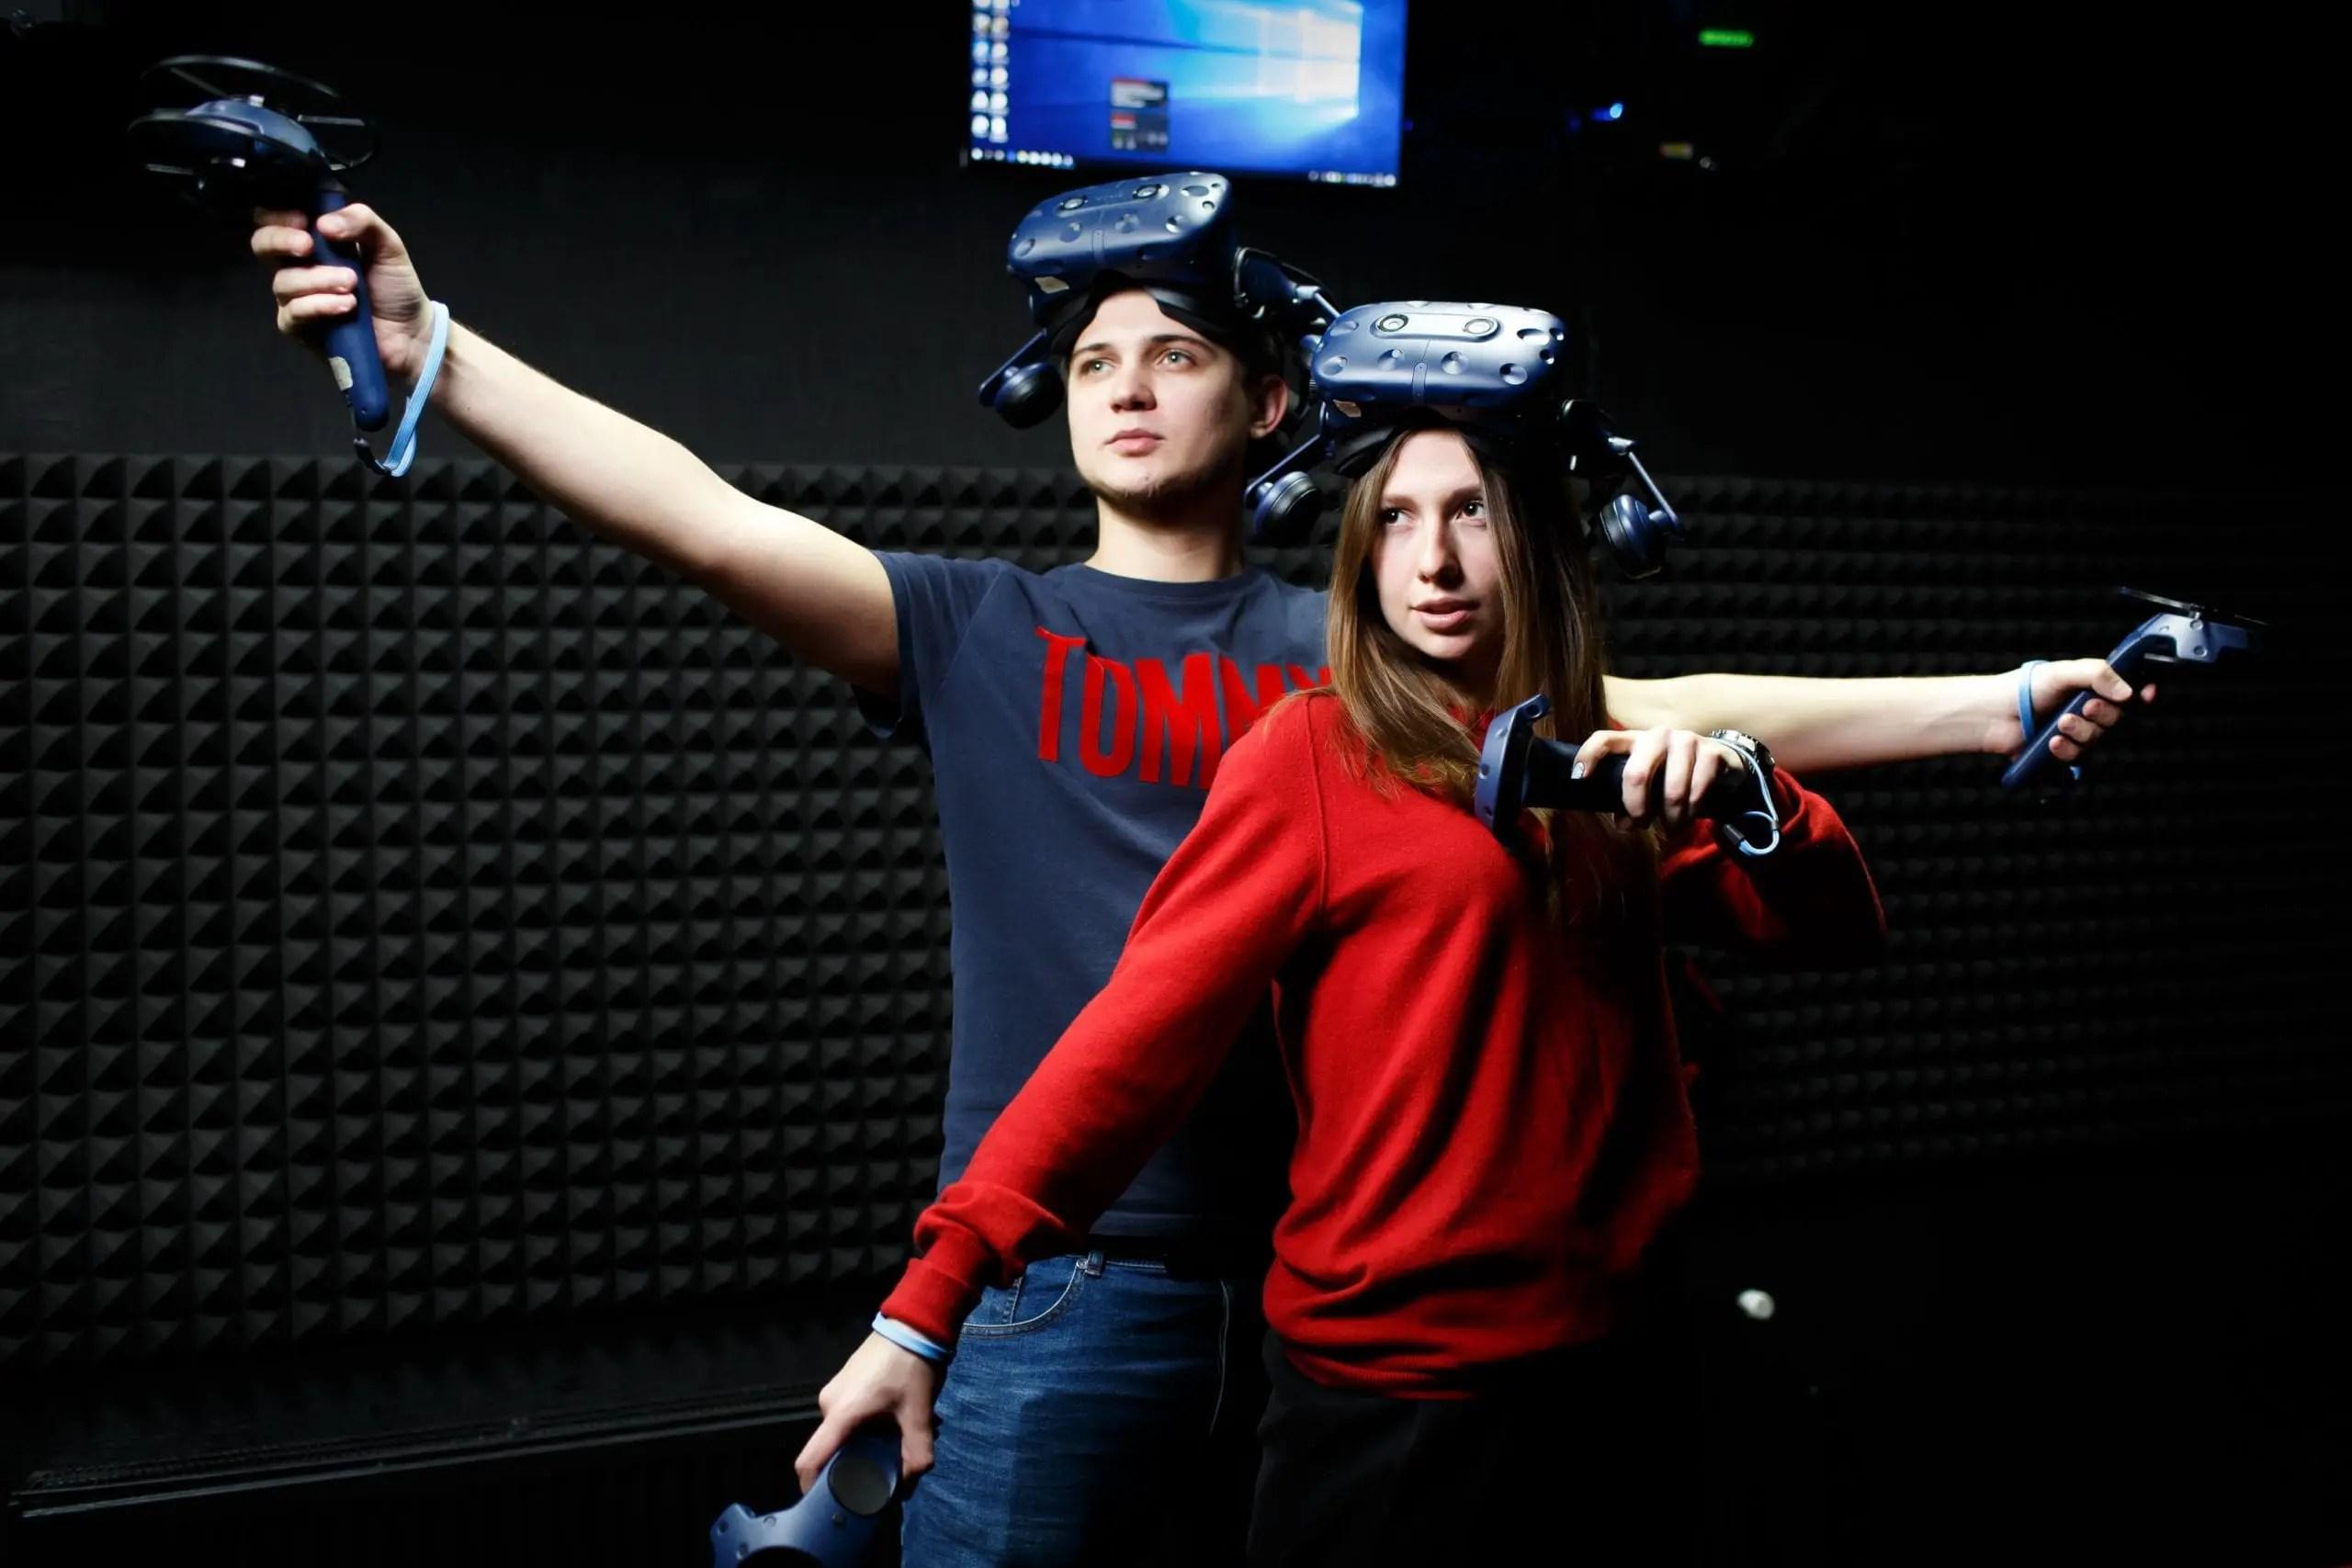 La révolution de la réalité virtuelle dans les jeux vidéos en 2019